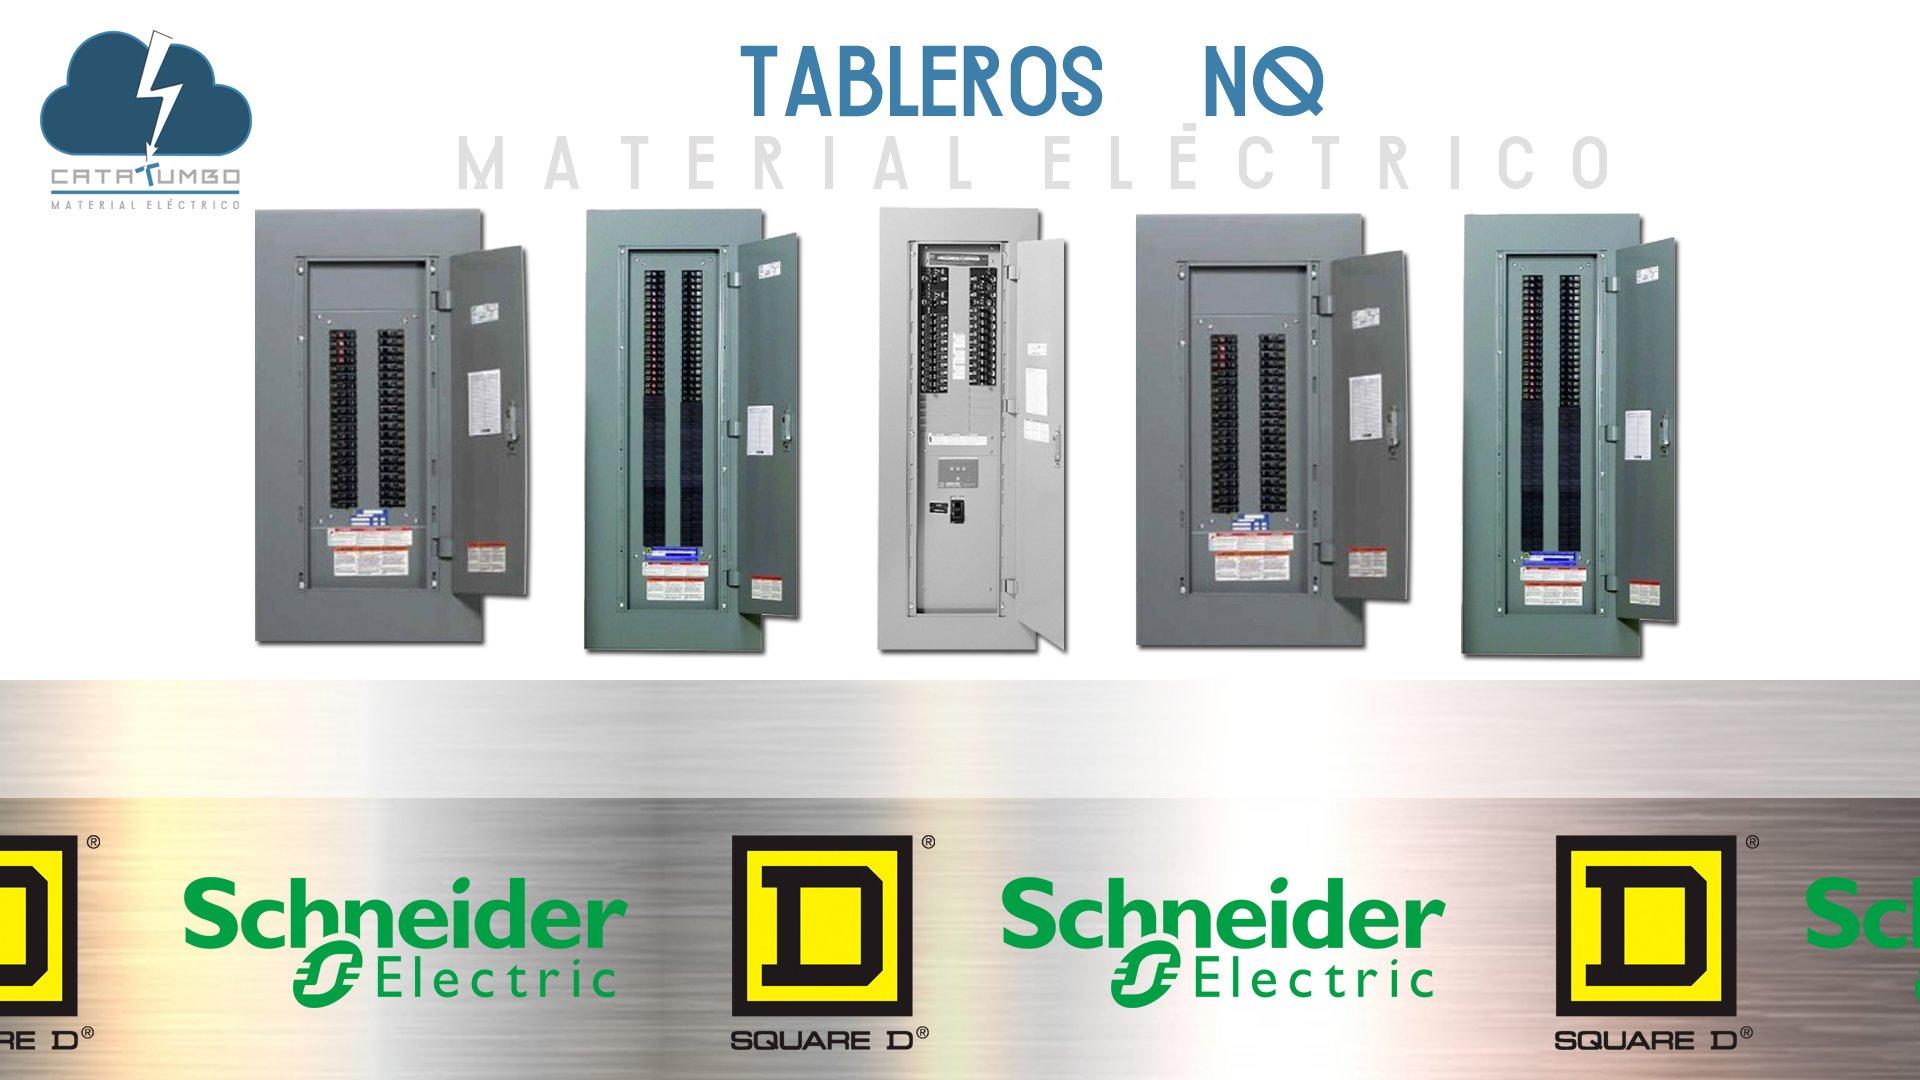 tableros-nq-square-d-schneider-electric-material-eléctrico-catatumbo